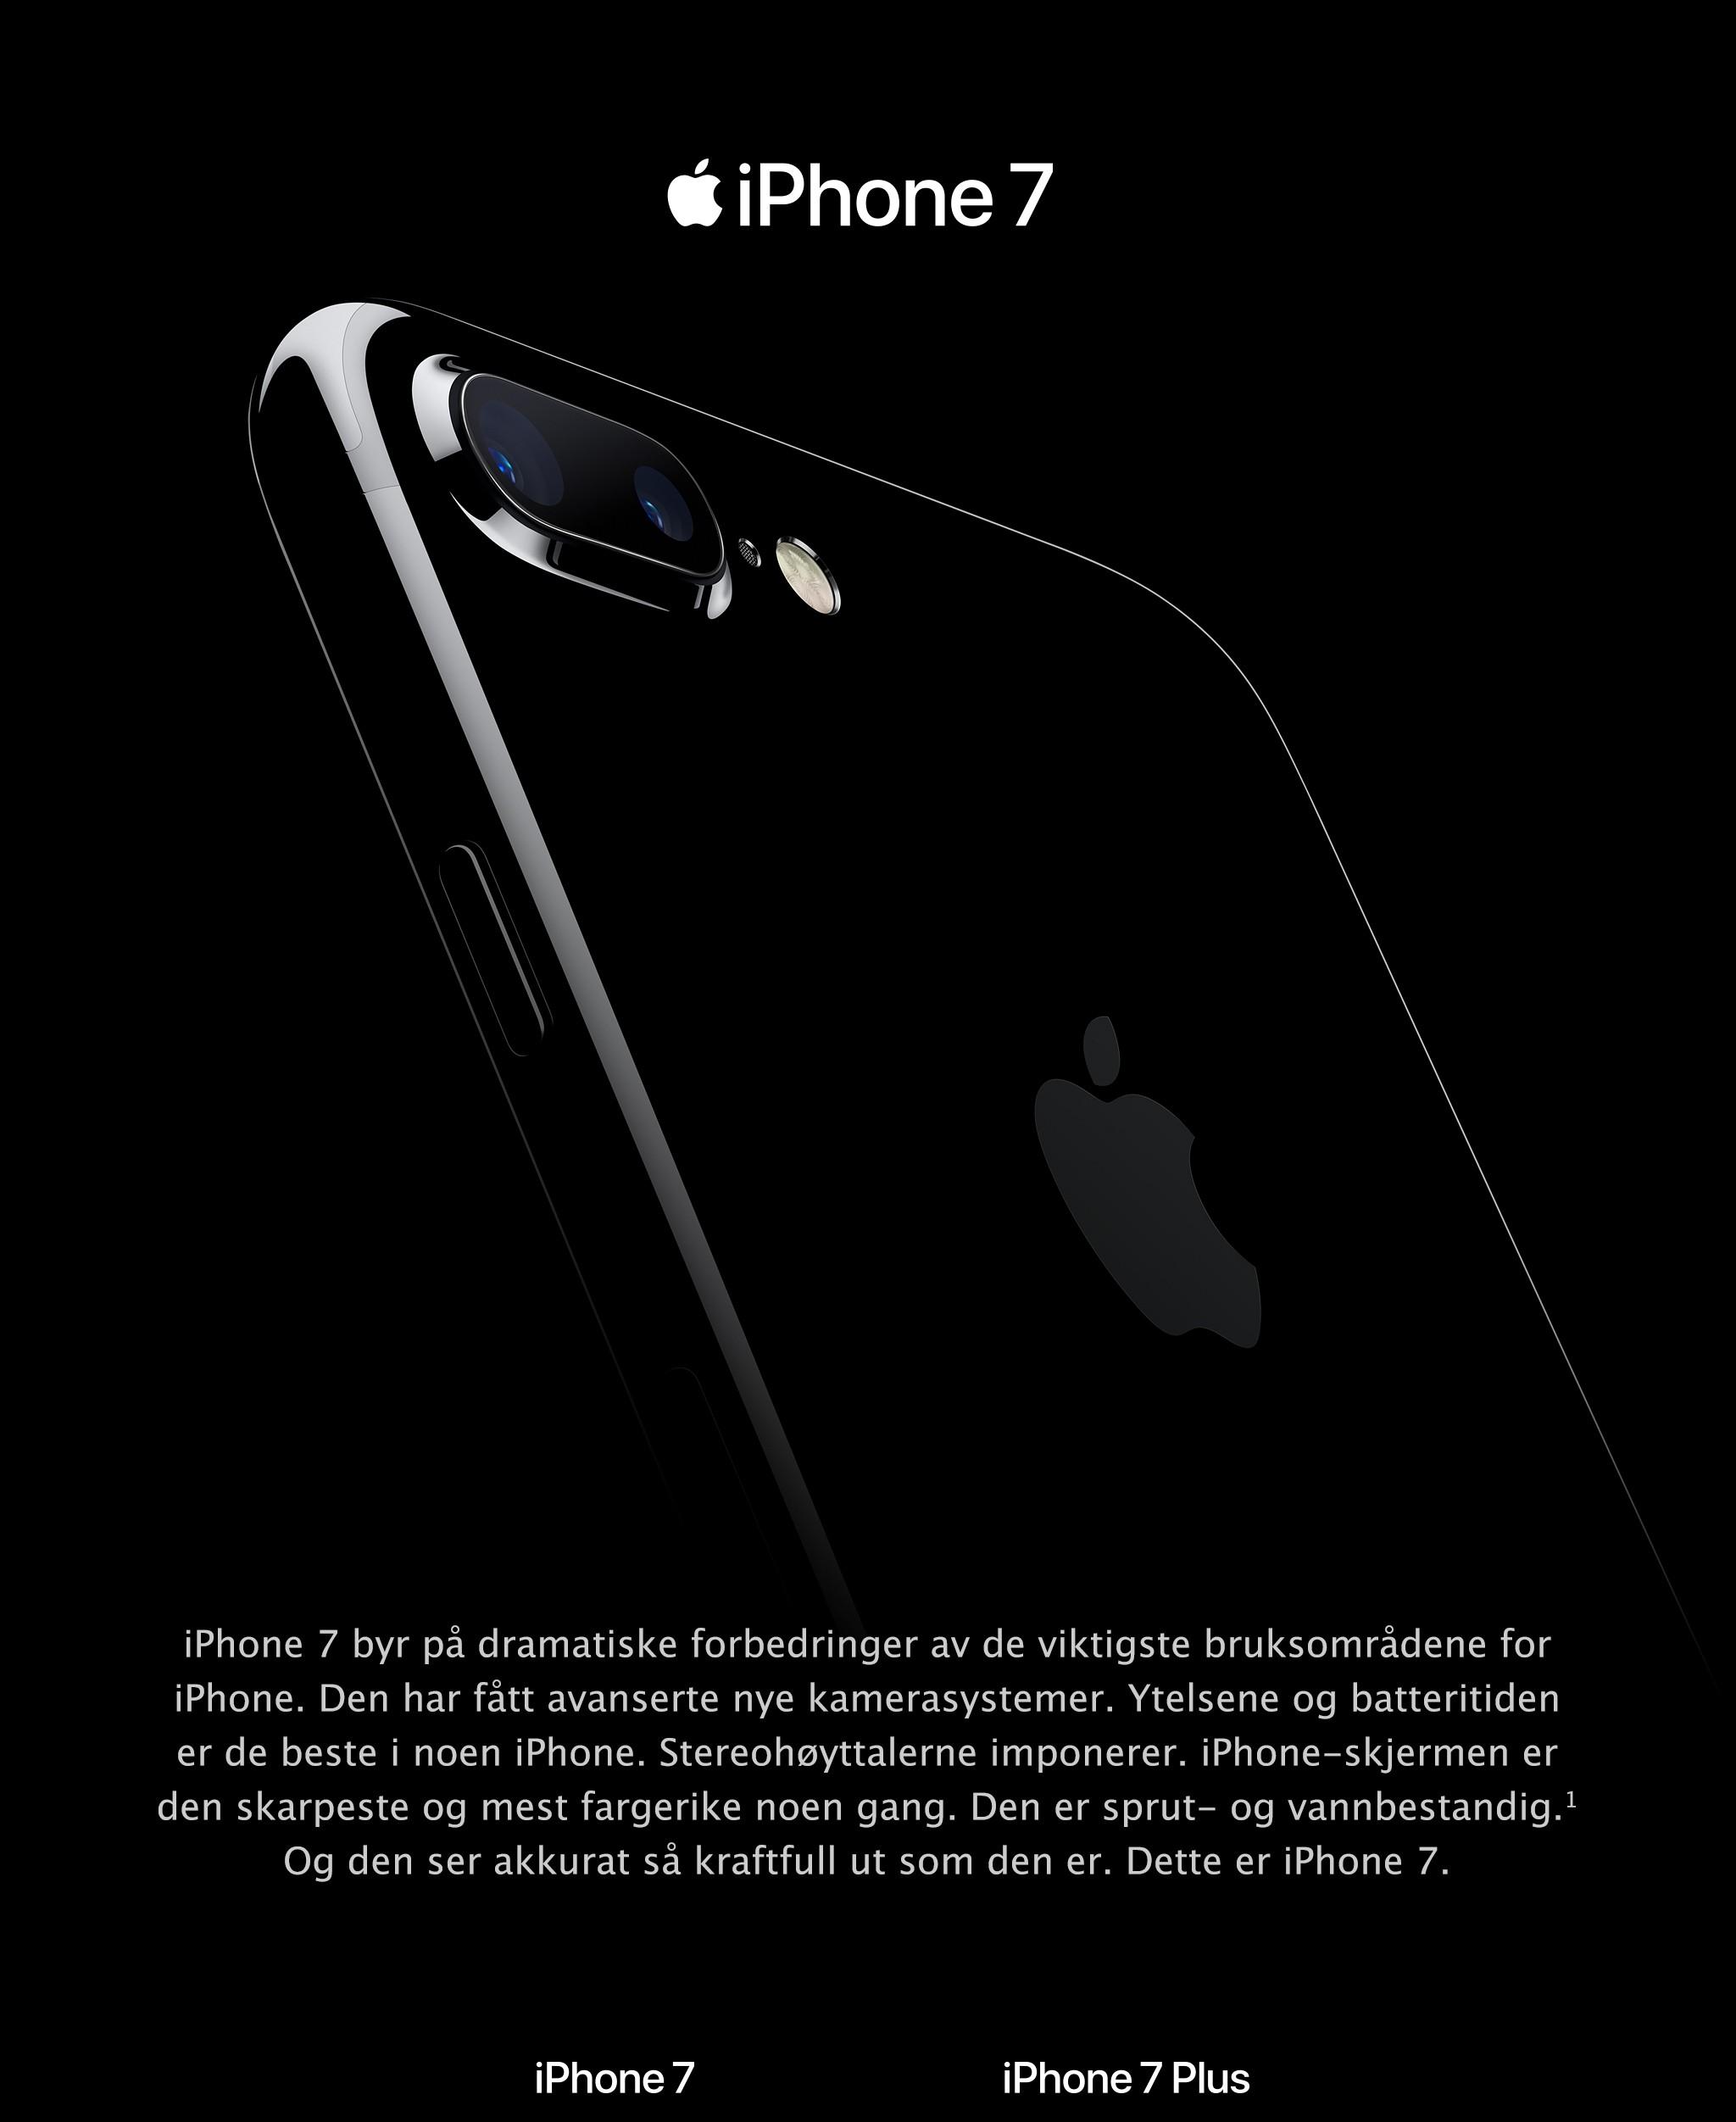 Kjøp iPhone 7 og iPhone 7 Plus hos Elkjøp | iPhone 7 - kvalitet på et nytt nivå